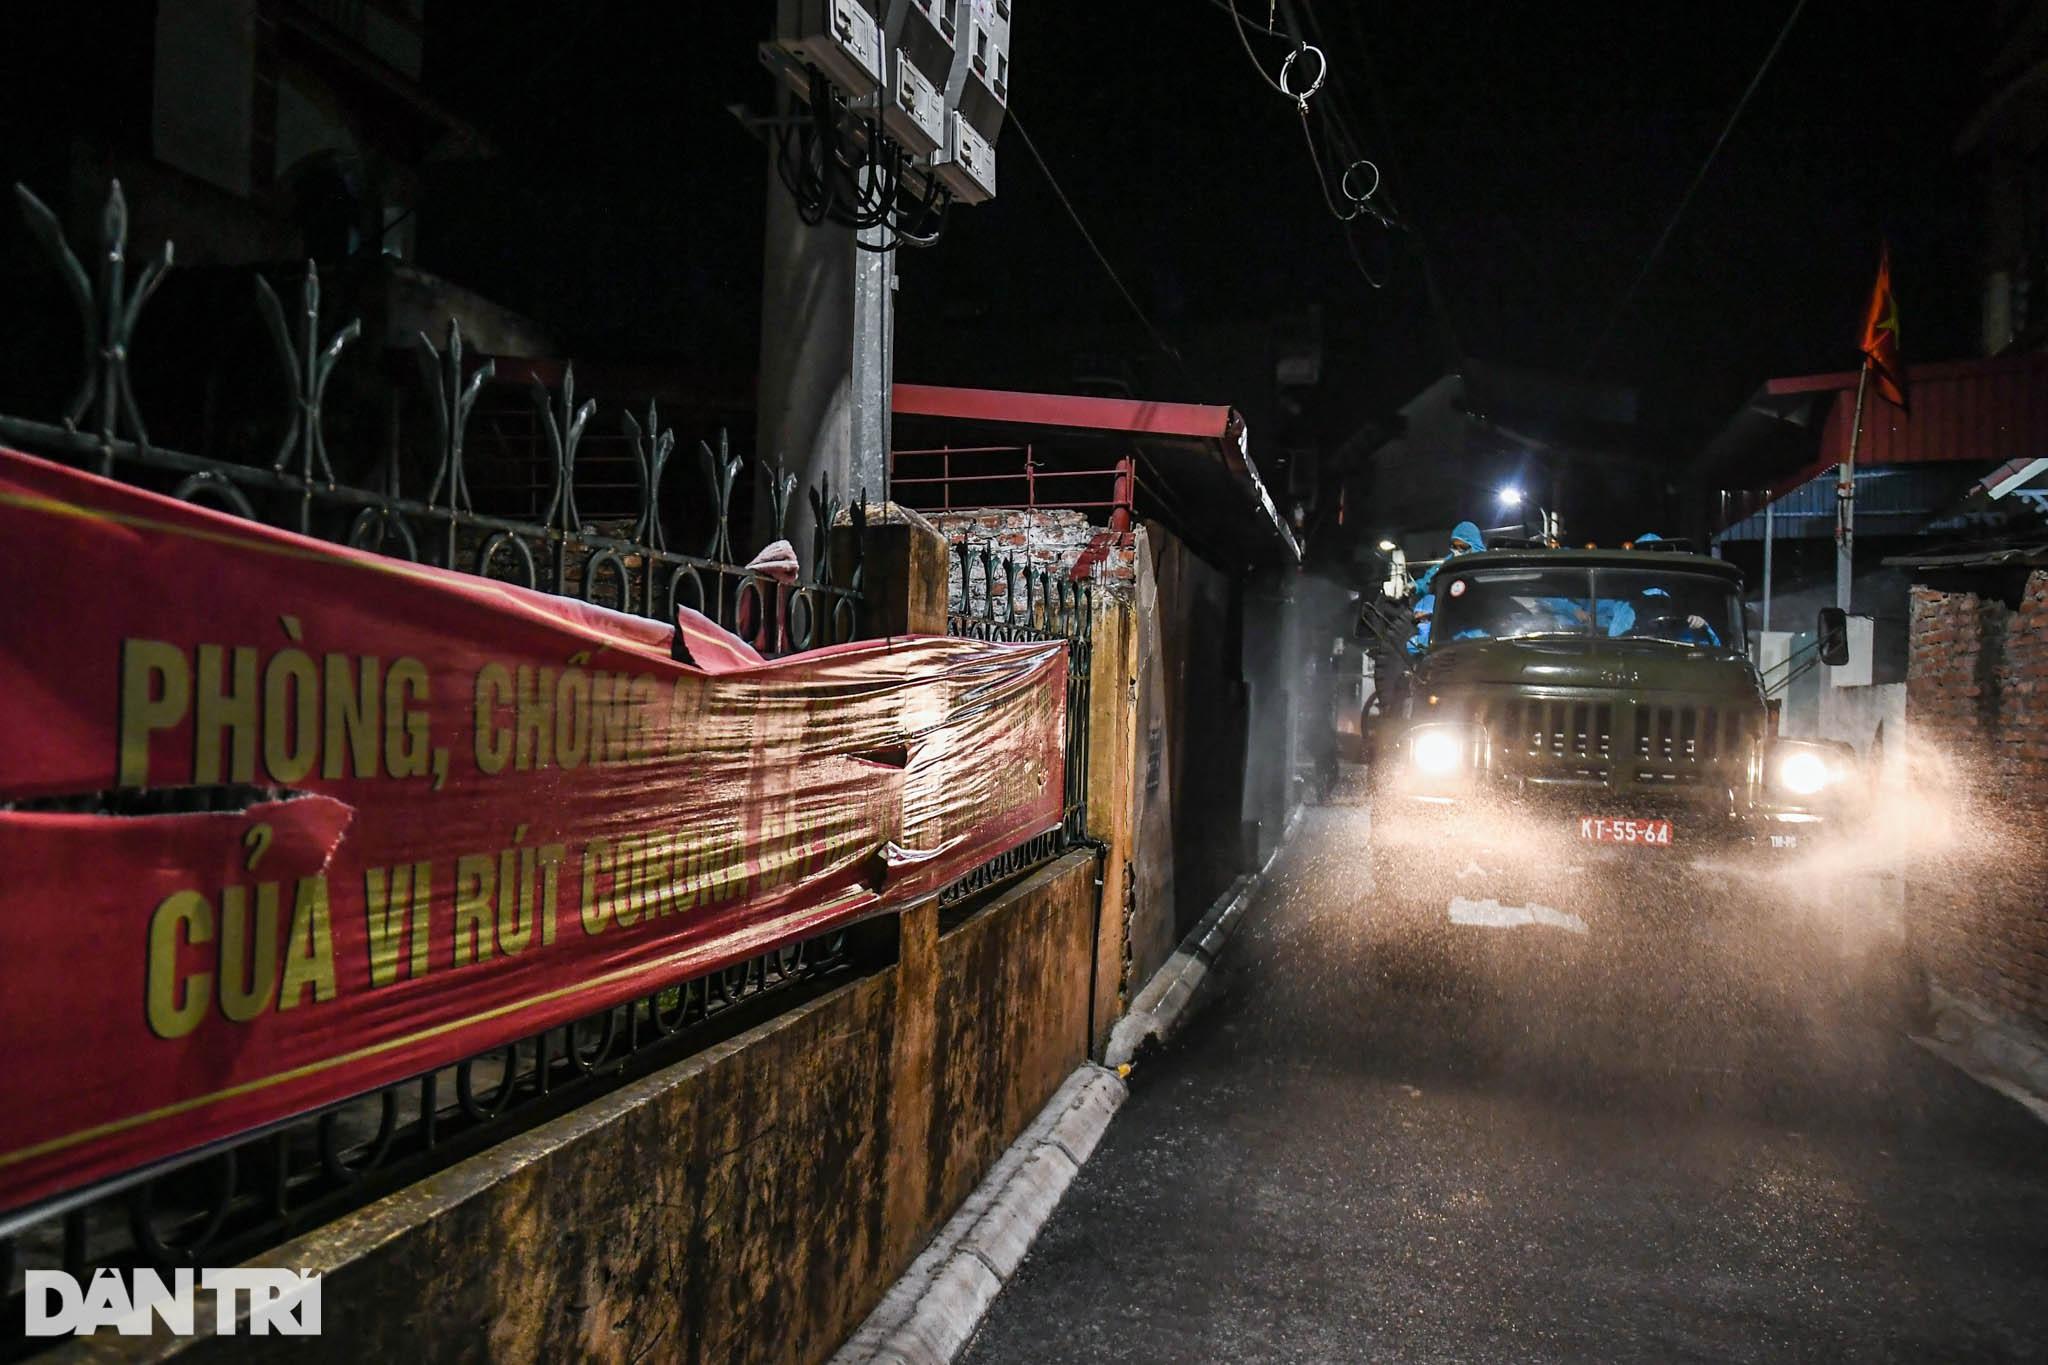 Xuyên đêm tẩy độc khử khuẩn nơi ở gần 6.000 người bị phong tỏa tại Gia Lâm - 5